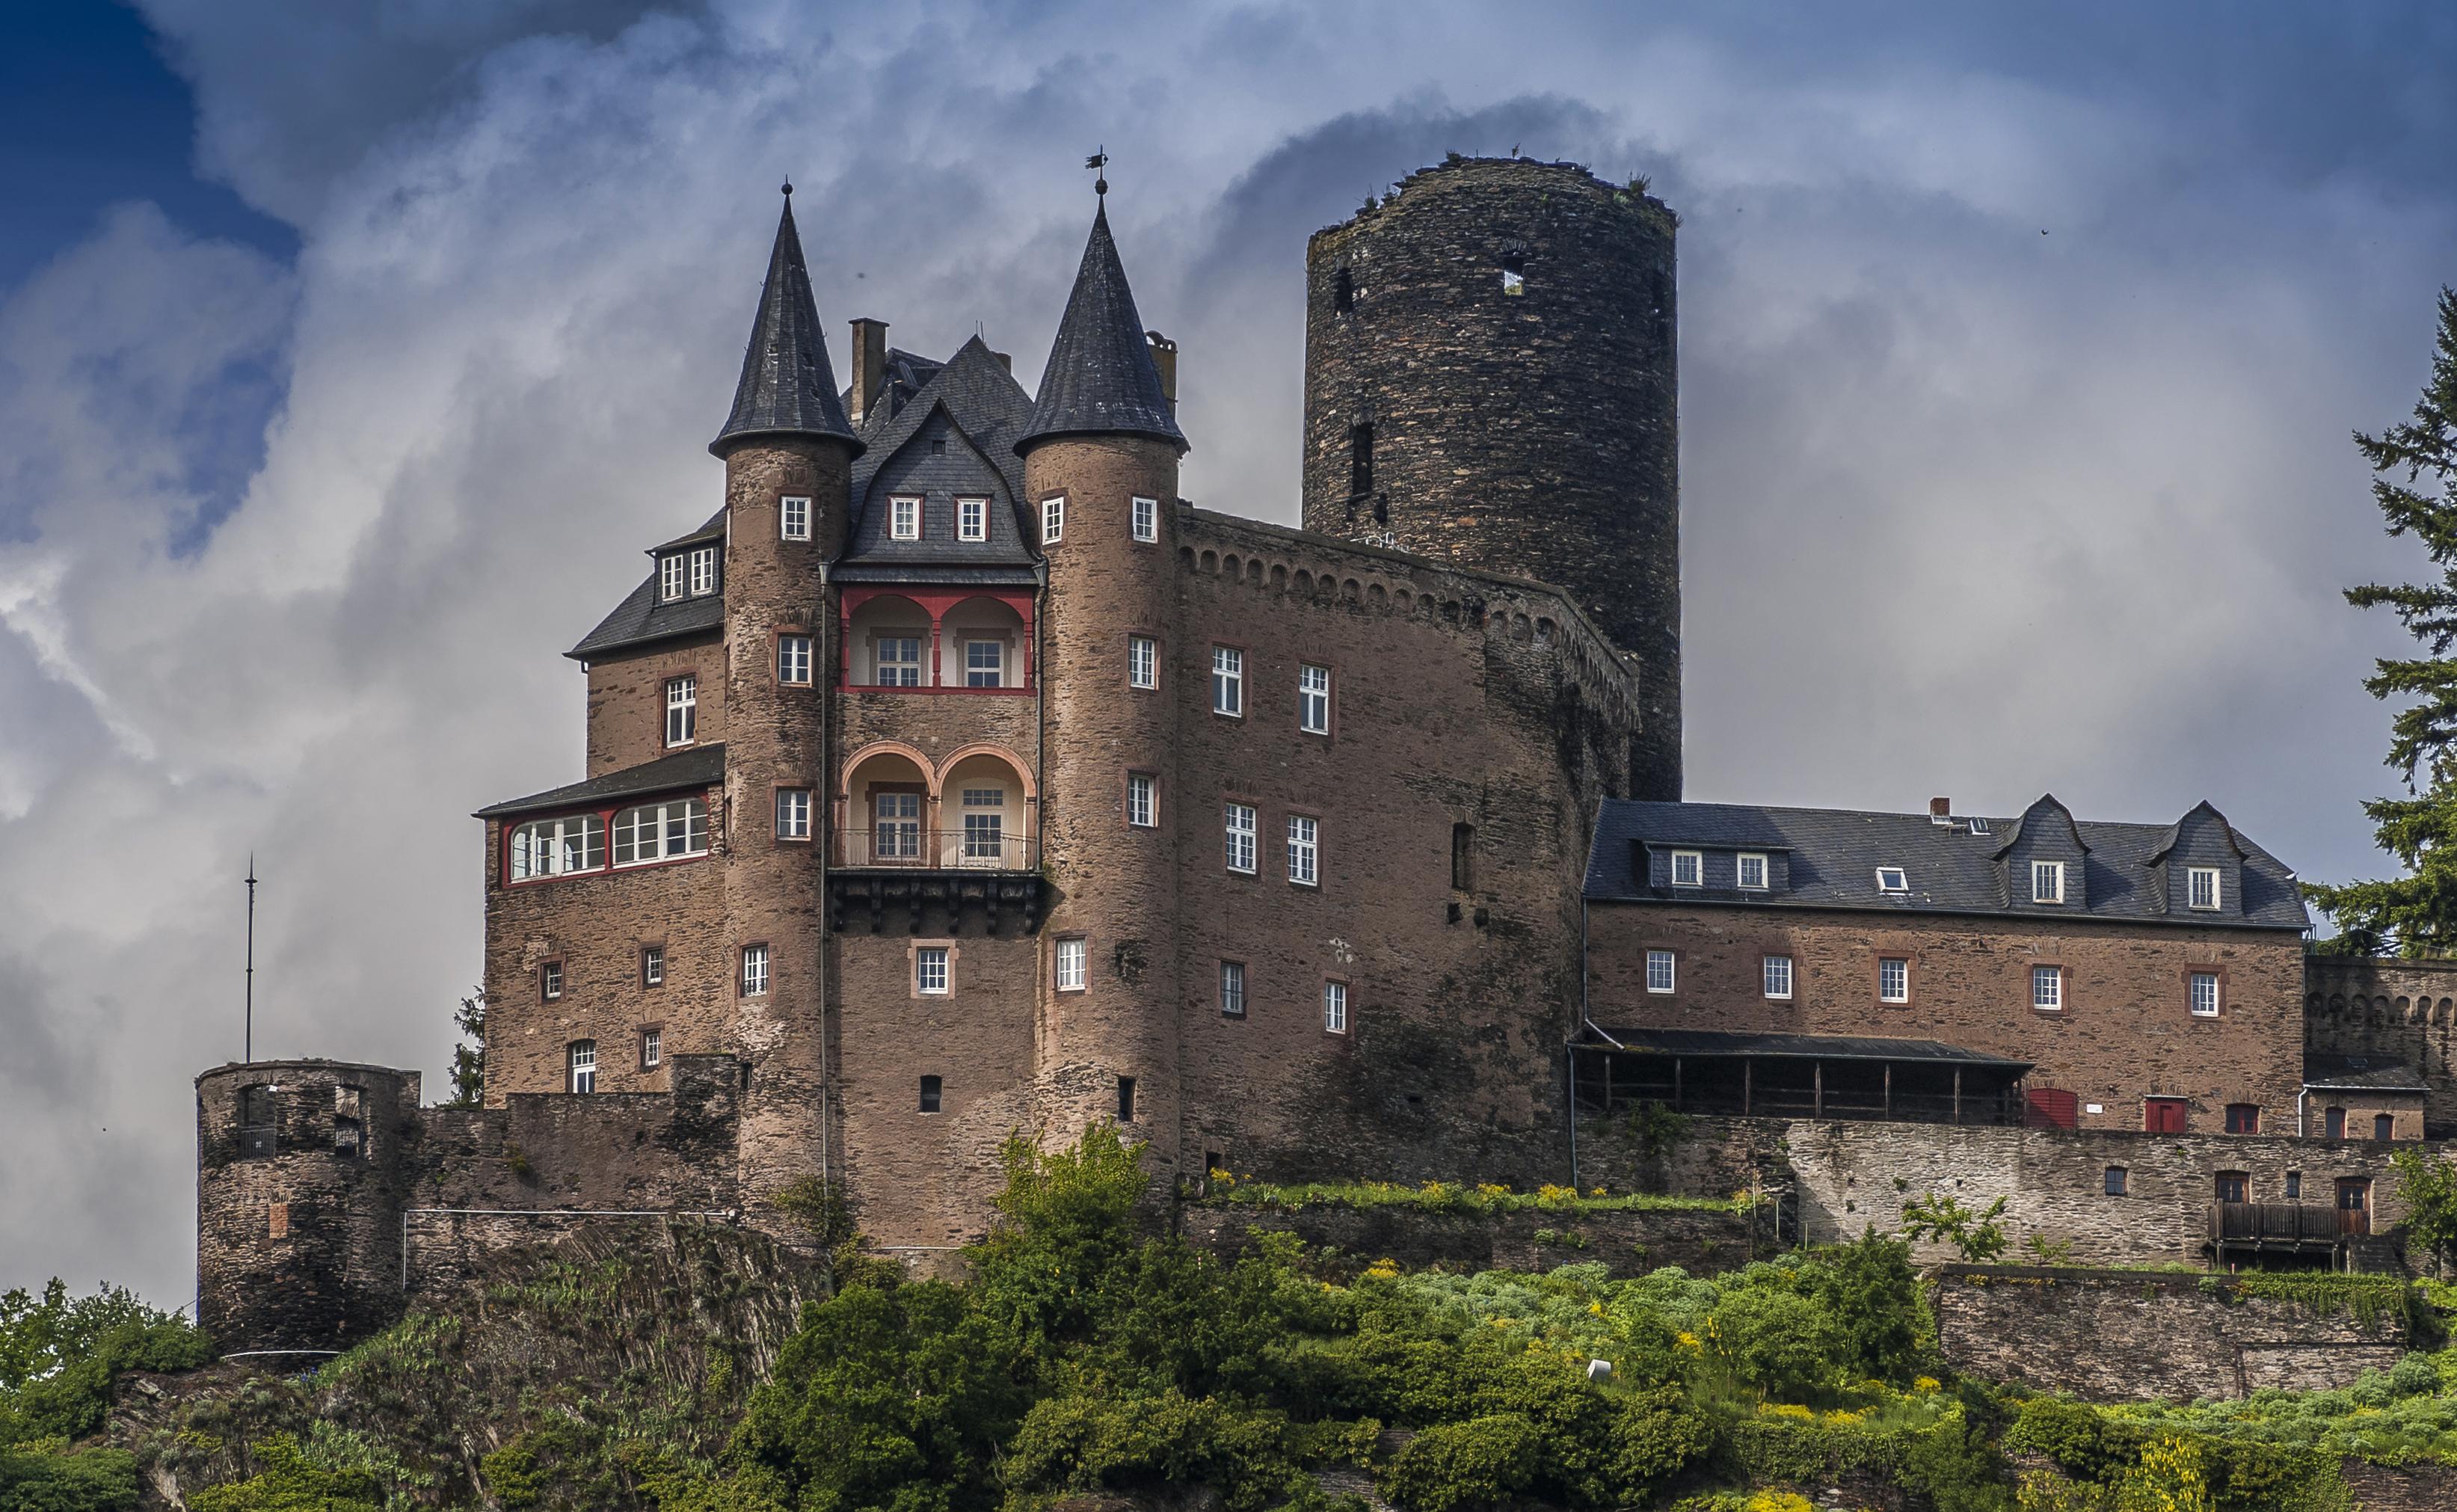 названия крепостей и фото клиенты решают, что